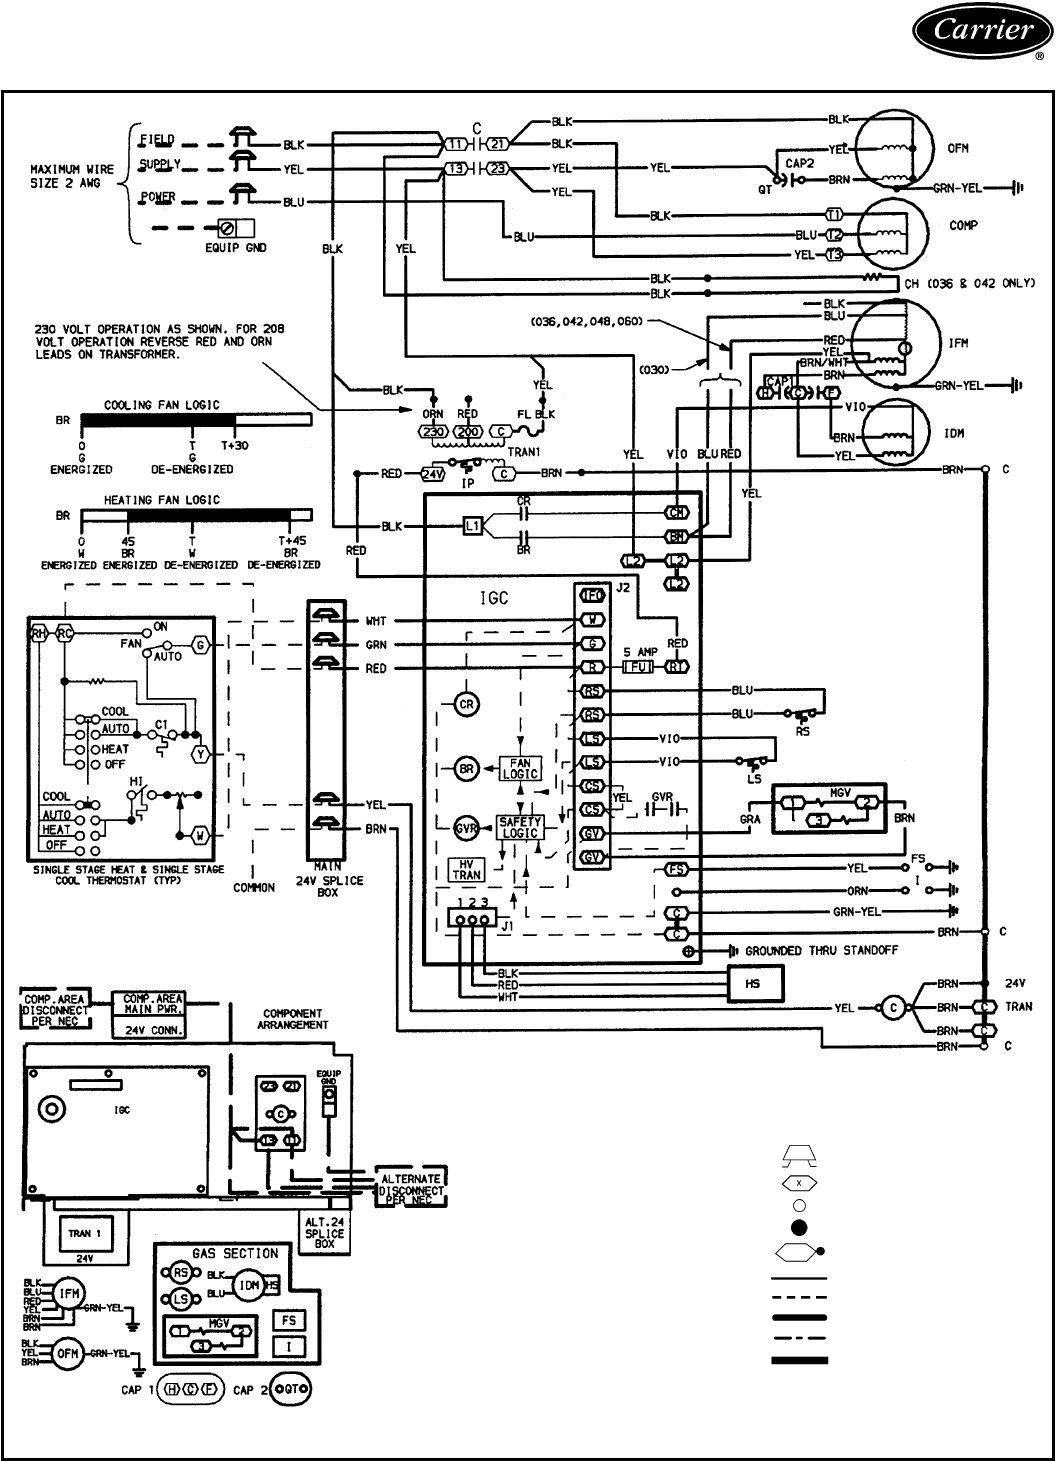 Carrier Heat Pump Wiring Diagram In 2020 Ac Wiring Carrier Heat Pump Diagram